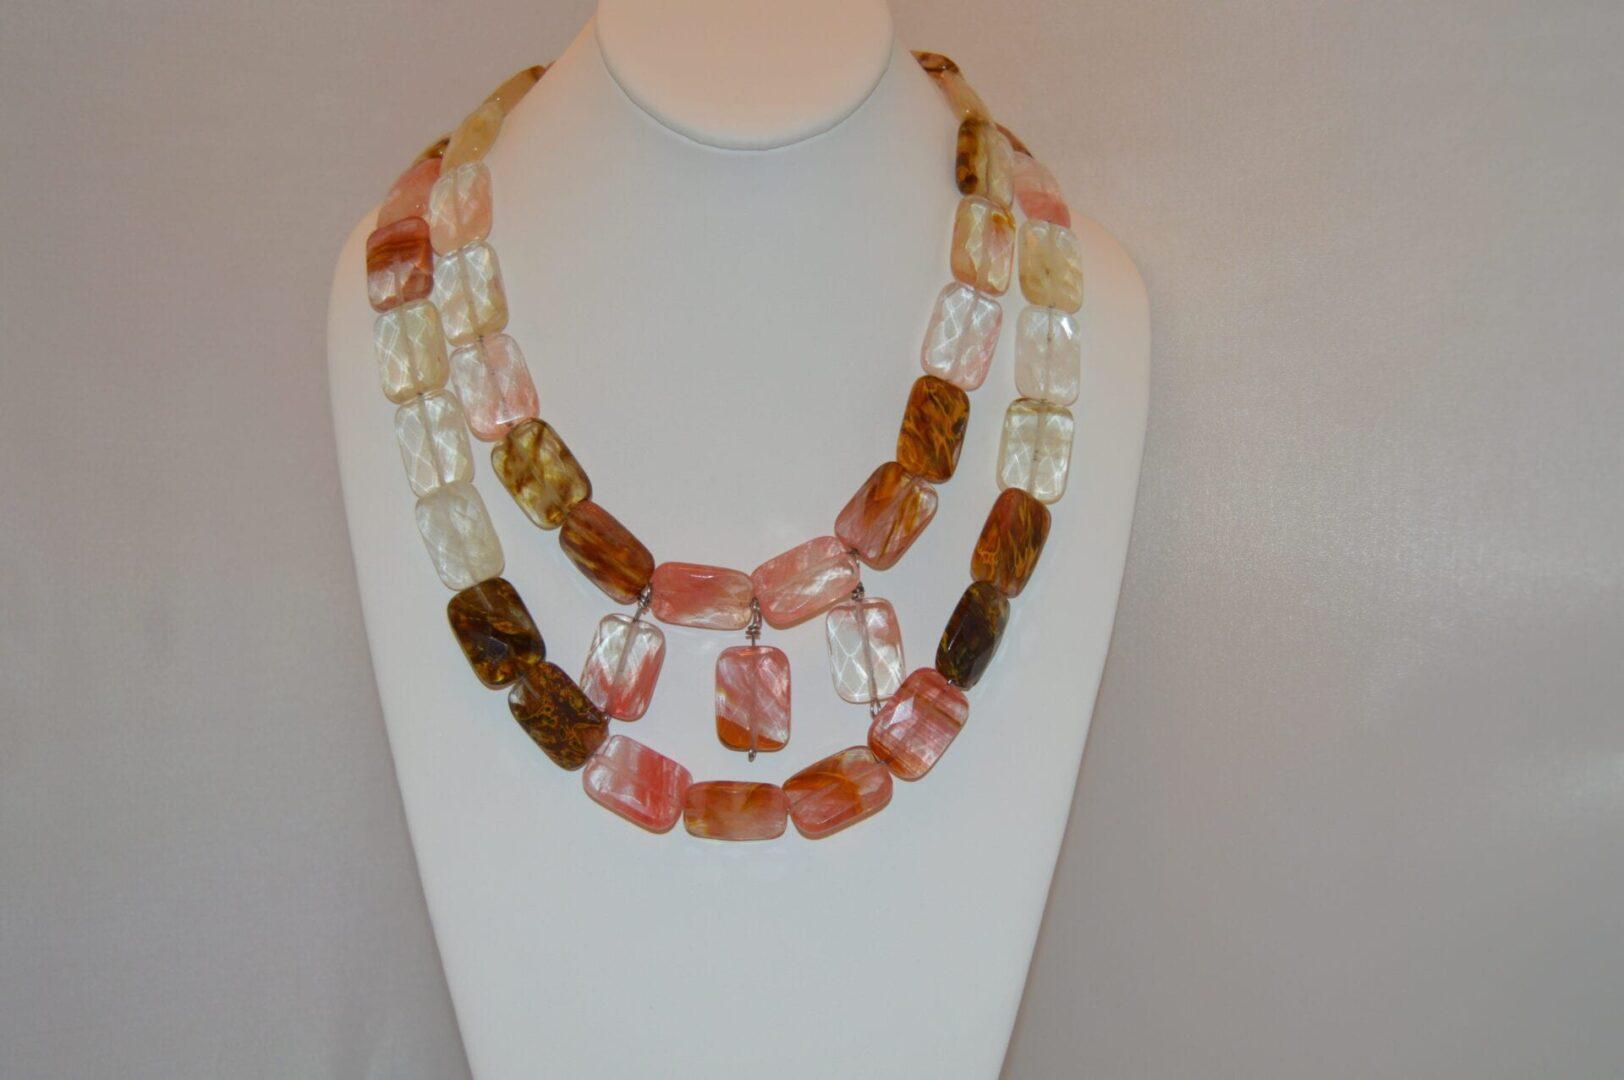 A Cherry Quartz Statement Necklace